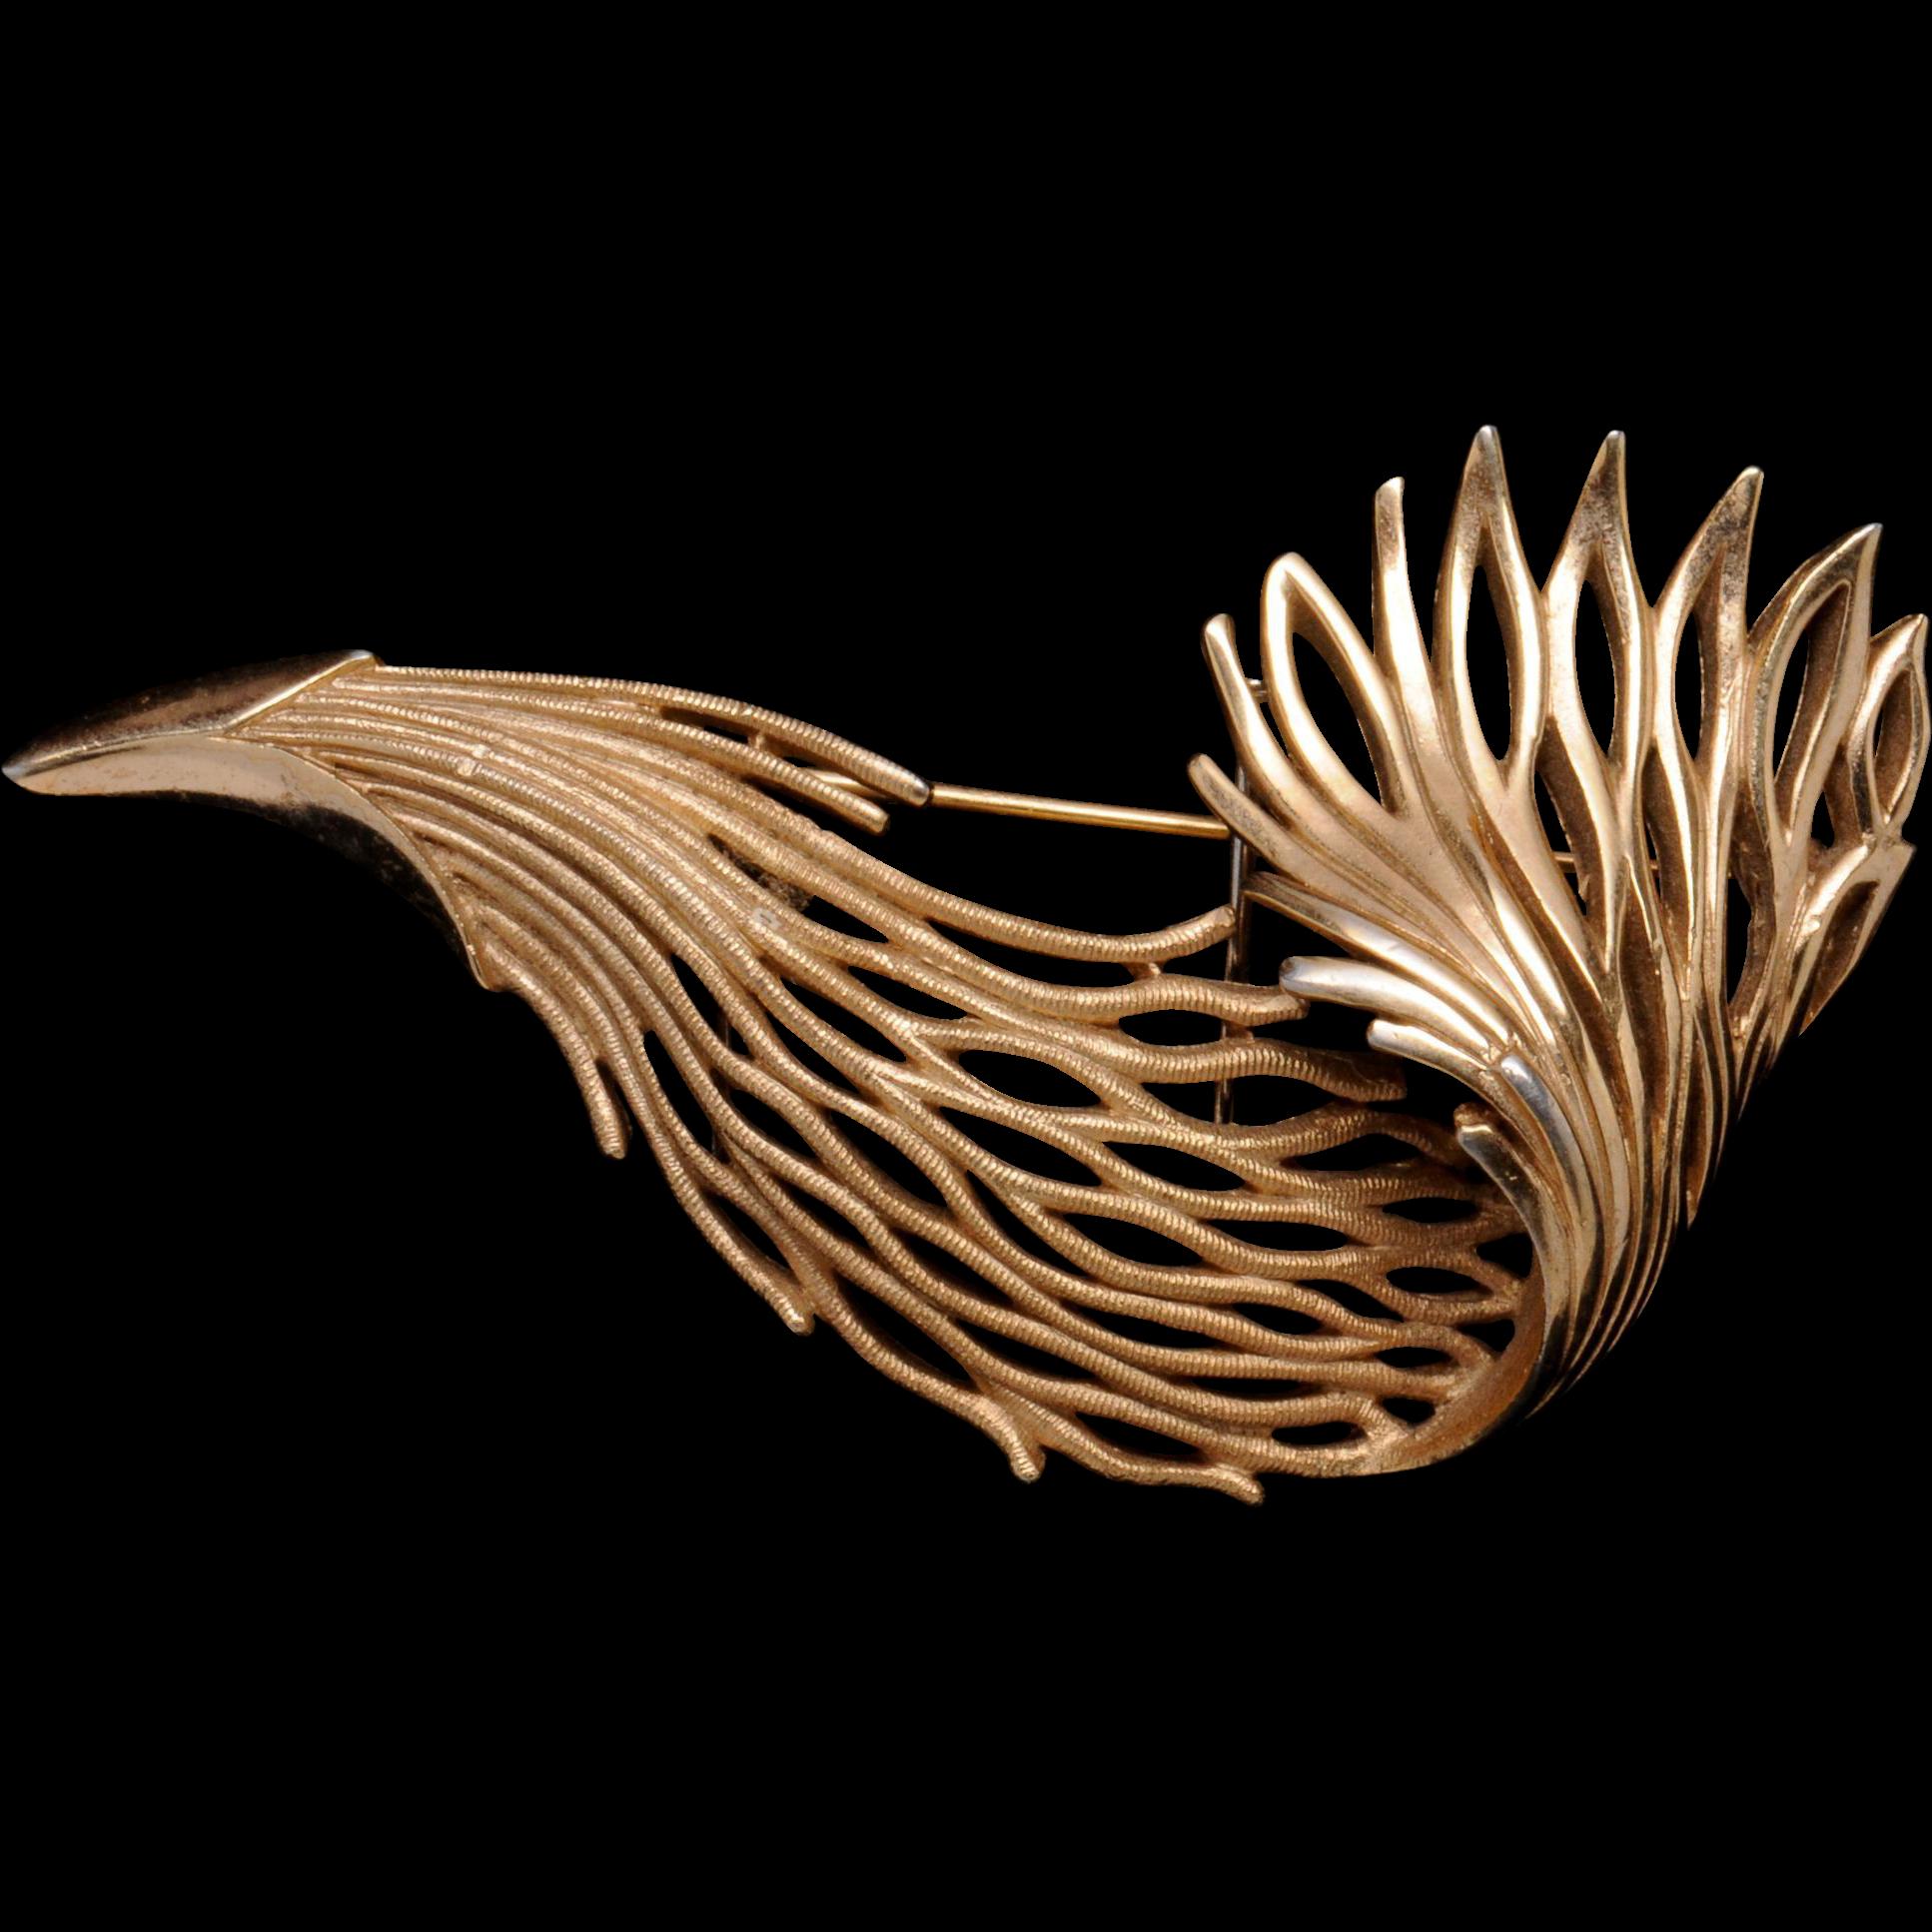 Graceful Vintage Trifari Seaweed Pin Brooch